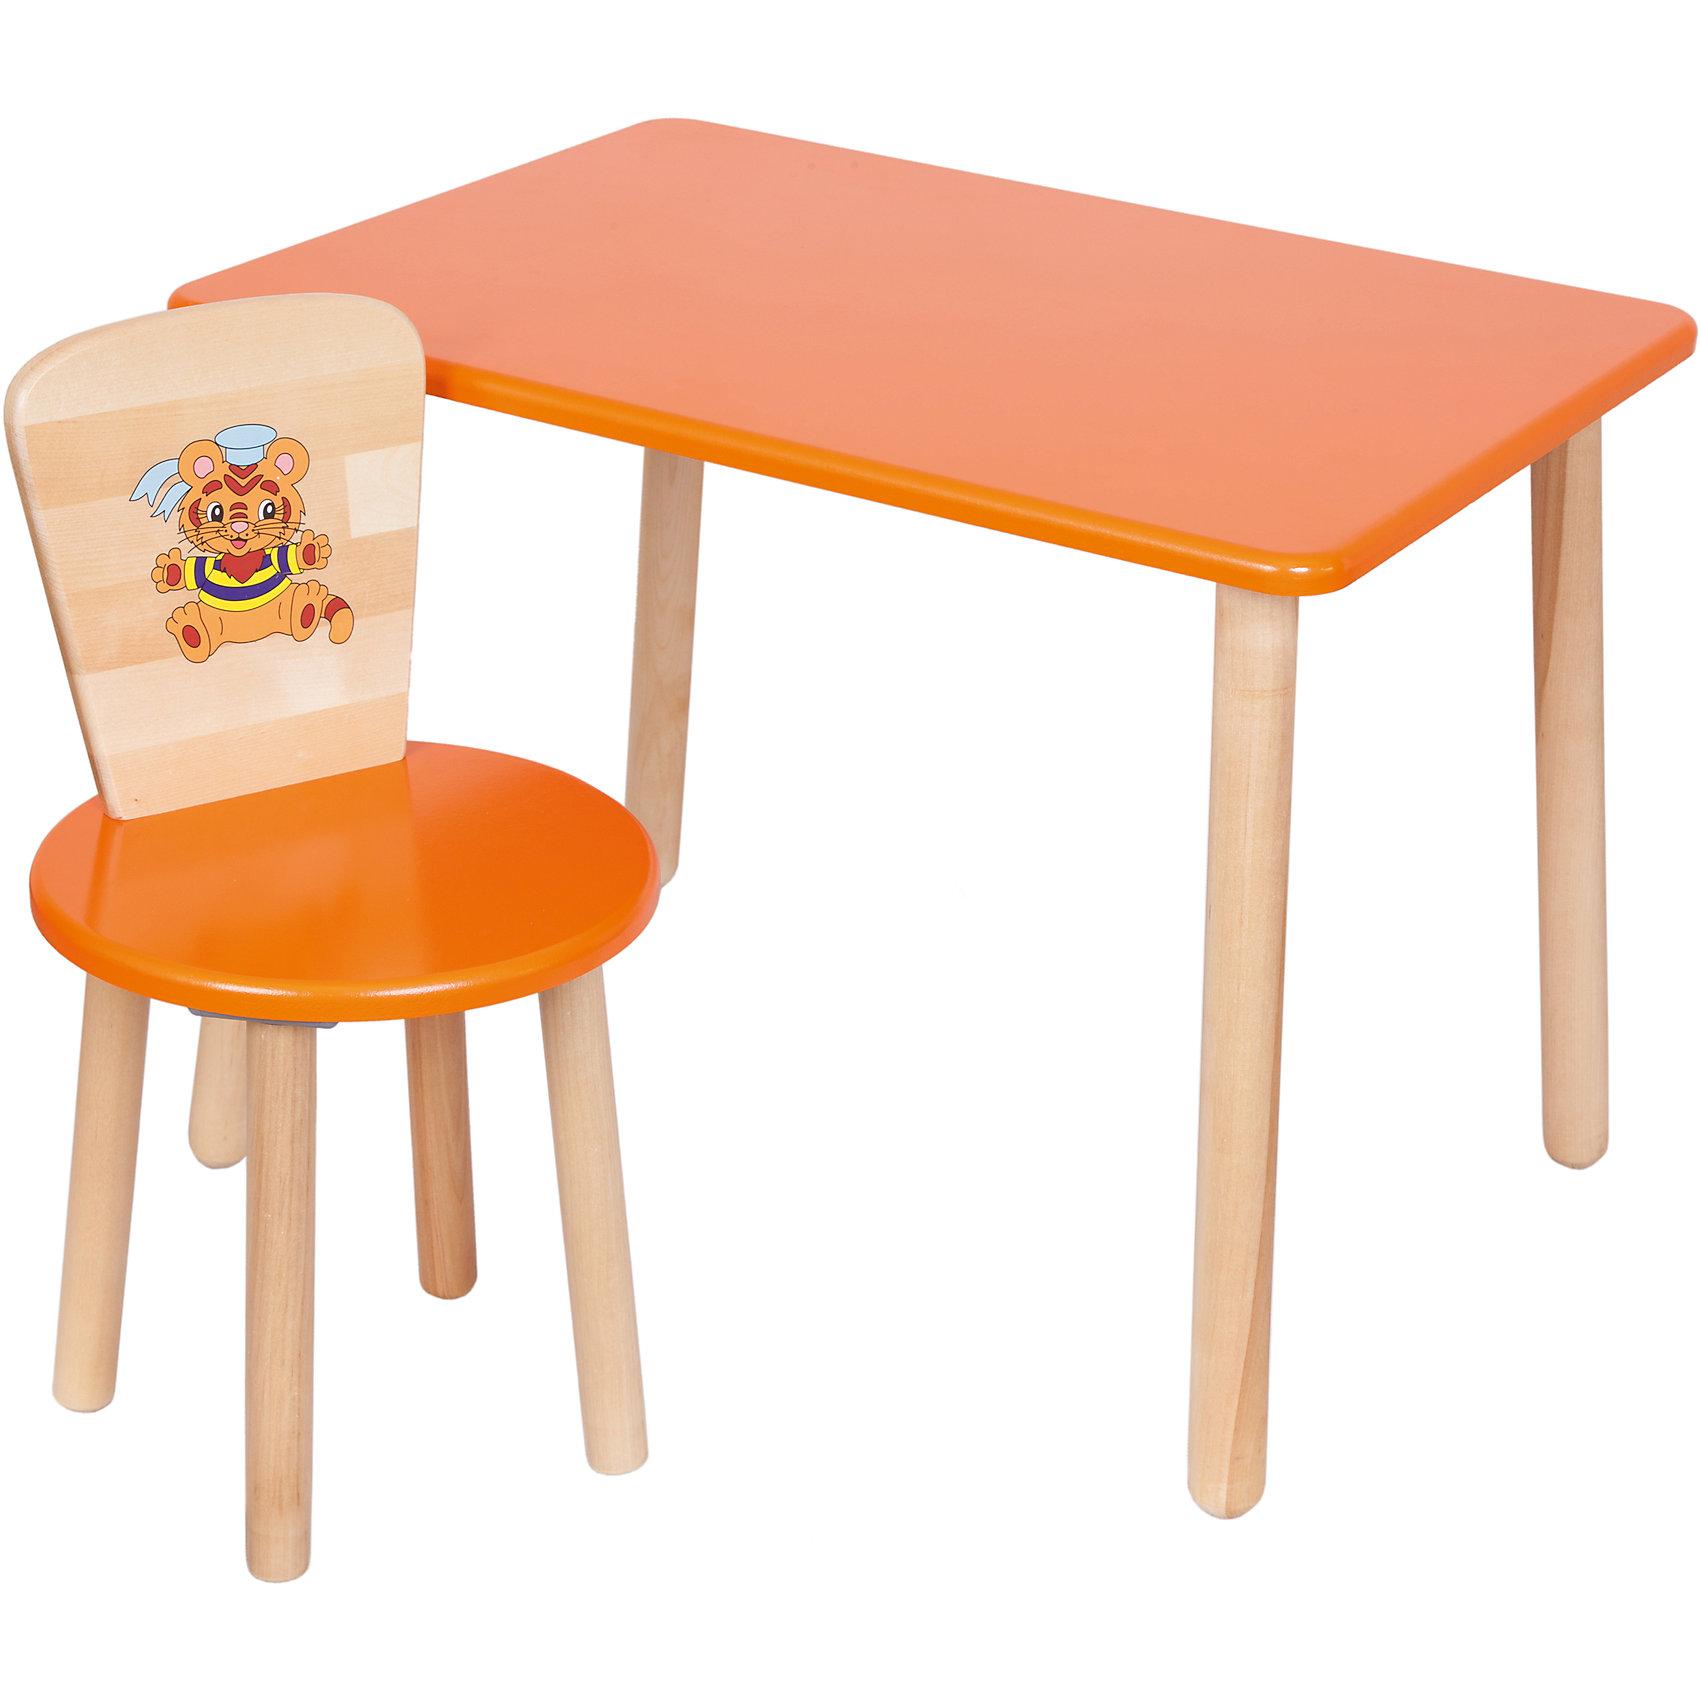 Набор: стол и стул, Русэкомебель, оранжевыйМебель<br>Набор мебели Эко от известного производителя Русэкомебель - практичный и красивый комплект, состоящий из стола и стула. Яркая мебель прекрасно впишется в интерьер детской и обязательно понравится вашему ребенку. Стул и стол не имеют острых углов, которые могут травмировать малышей. Гладкая поверхность столешницы и сиденья позволяет легко устранять любые загрязнения. Стол прямоугольной формы идеально подойдет для занятий, игр и творчества. Набор выполнен из высококачественных материалов, раскрашен безопасными, экологичными и нетоксичными красителями. <br><br>Дополнительная информация:<br><br>- Комплектация: стол, стул.<br>- Материал: дерево (береза), МДФ.<br>- Не имеет острых углов. <br>- Размер столешницы: 45x60 см. <br>- Высота стола: 52 см.<br>- Диаметр стула: 31 см. <br>- Высота стула: 57 см.<br>- Высота стула (от пола до сиденья): 32 см.<br><br>Набор мебели Эко № 1, оранжевый, можно купить в нашем магазине.<br><br>Ширина мм: 730<br>Глубина мм: 530<br>Высота мм: 140<br>Вес г: 8400<br>Возраст от месяцев: 24<br>Возраст до месяцев: 84<br>Пол: Унисекс<br>Возраст: Детский<br>SKU: 4756477